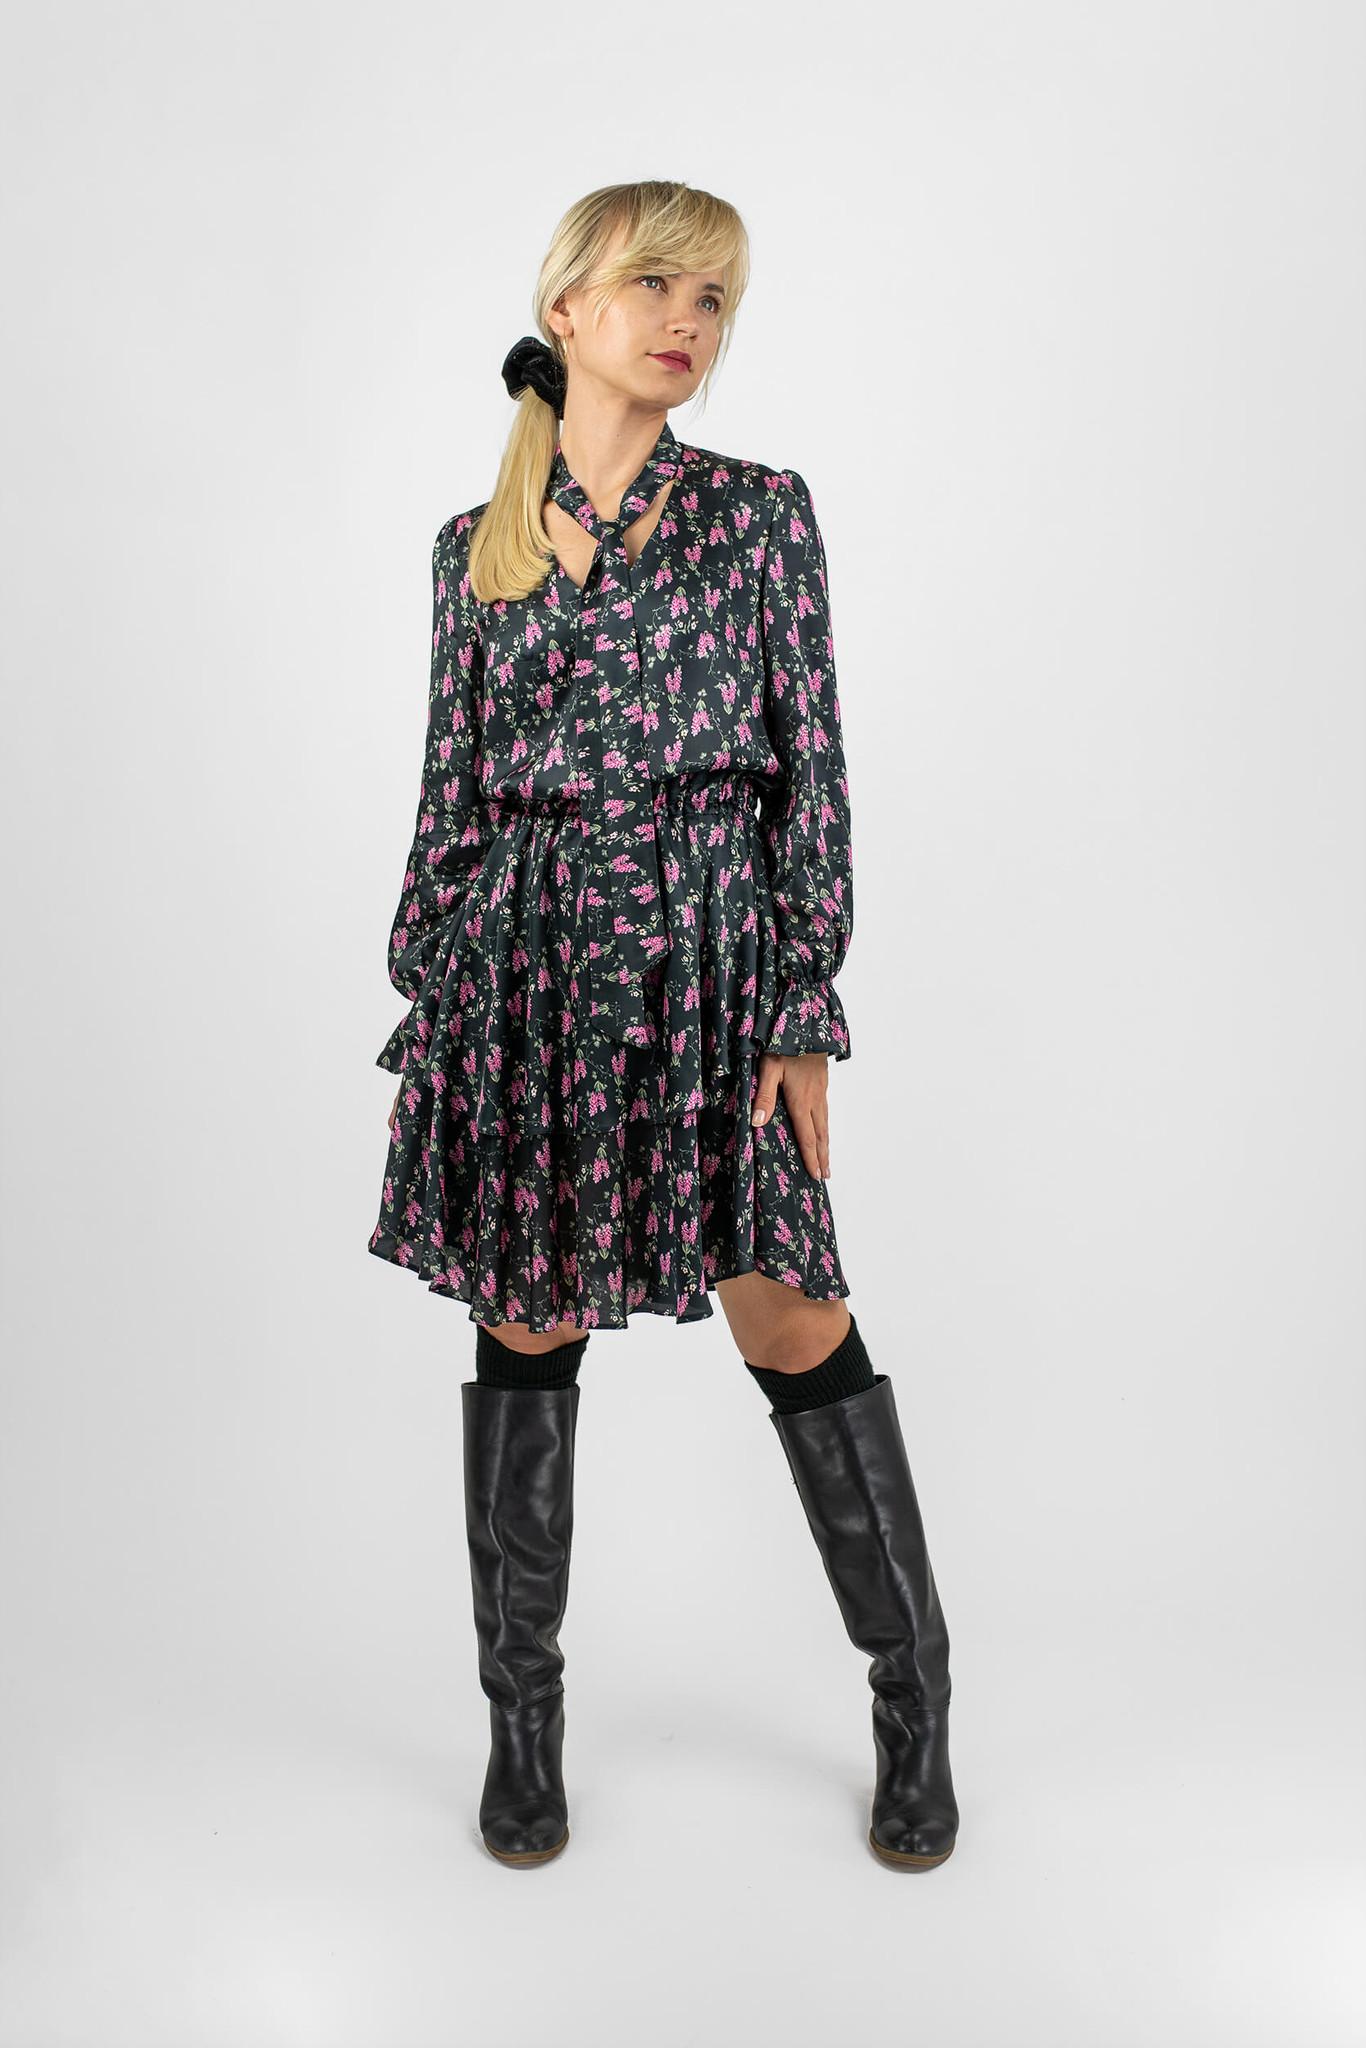 Sukienka uszyta jest z satynowej włoskiej wiskozy o kwiatowym wzorze Góra sukienki wykończona jest dekoltem w literę V i uroczą szarfą przy szyi którą można wiązać na wiele sposobów zmieniając charakter sukienki Długie poszerzane rękawy sukienki zakończone subtelną gumką nadają Lili romantycznego szyku Dół sukienki składa się z dwóch rozkloszowanych falban których asymetryczny kształt tworzy ciekawą formę Talia Lili podkreślona jest podwójną gumką dzięki której możemy regulować długości sukienki Lili Satynowa sprawdzi się na małe i większe wyjścia Świetnie prezentuje się w połączeniu z płaszczem bądź ramoneską Na co dzień noś ją z ciężkimi jesiennymi butami a wieczorem ze szpilkami Sukienka Lili występuję aż w 3 wersjach Lili Satynowa Jasna Łączka Ciemna Łączka – która skradnie Wasze serce? ; Skład: 100 wiskoza Modelka Paulina ma 168 cm wzrostu i nosi rozmiar S Rozmiar XS S M L Obwód biustu 90 95 100 110 Obwód bioder 126 132 138 144 Długość rękawa 63 63 66 66 Długość sukienki 100 100 1